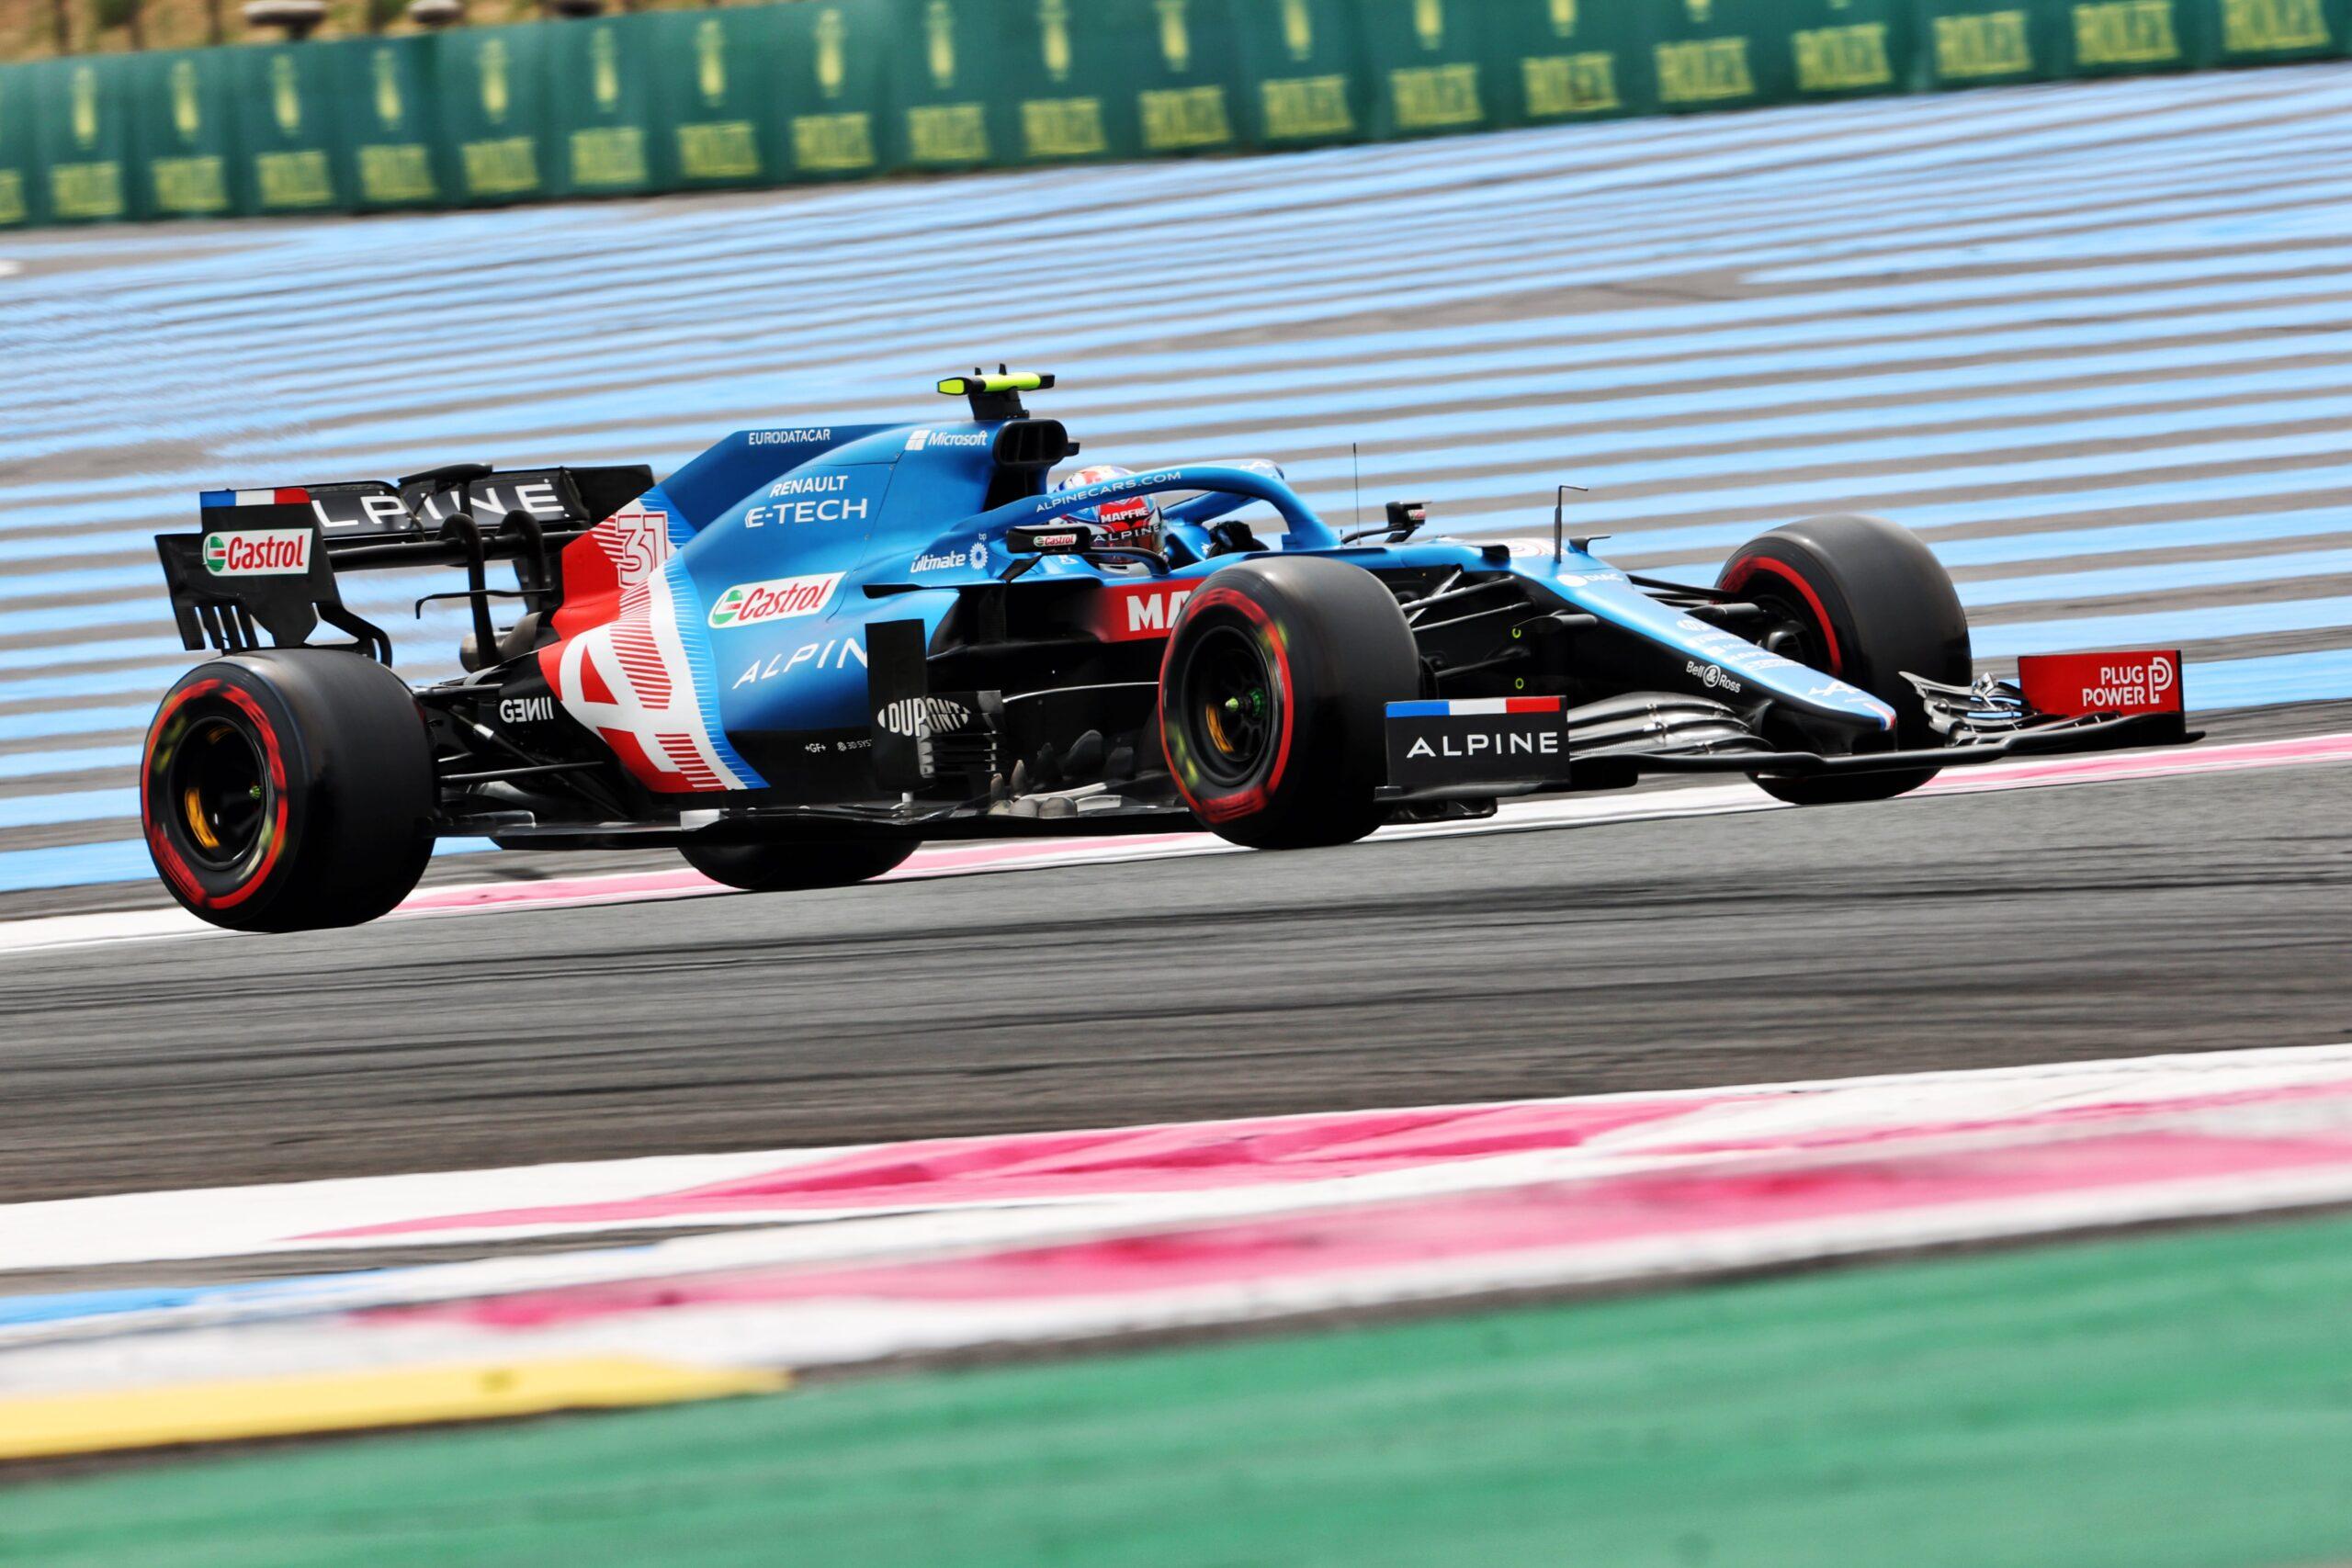 Alpine F1 Team A521 Alonso Ocon Castellet GP FRance 2021 8 scaled   Alpine F1 : Alonso entre en Q3, Ocon bloque en Q2 au Grand-Prix de France